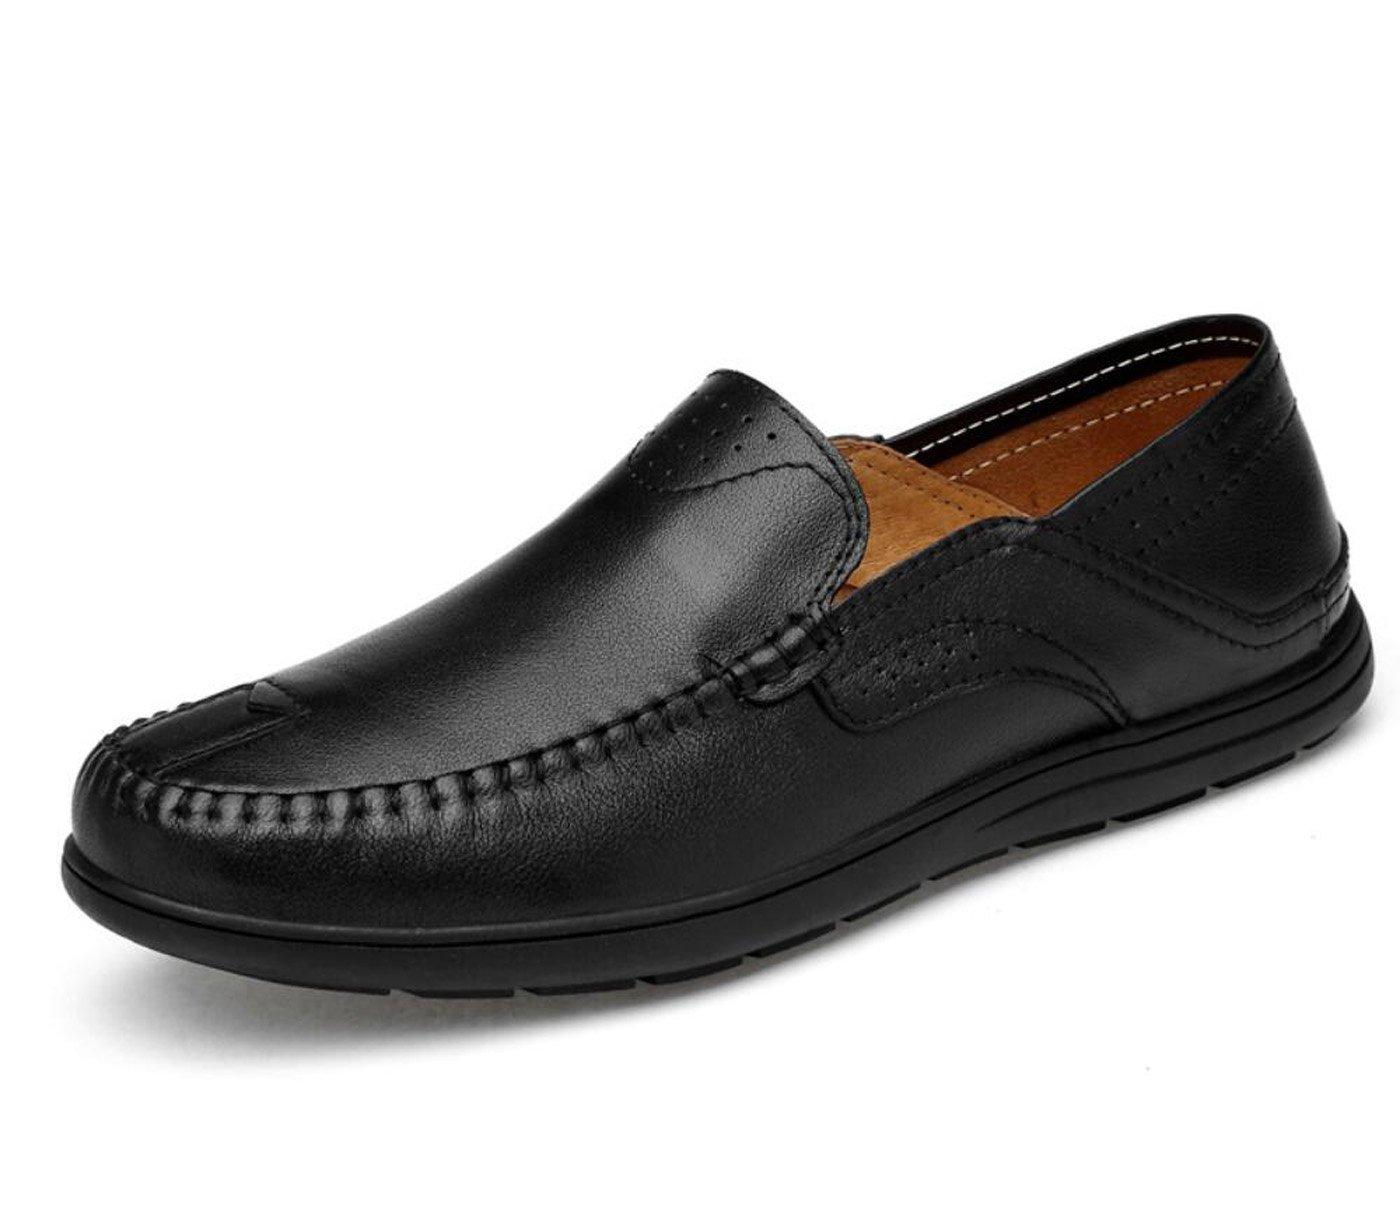 Herrenschuhe GDXH Leder für Schuhe Formale Geschäftsarbeit